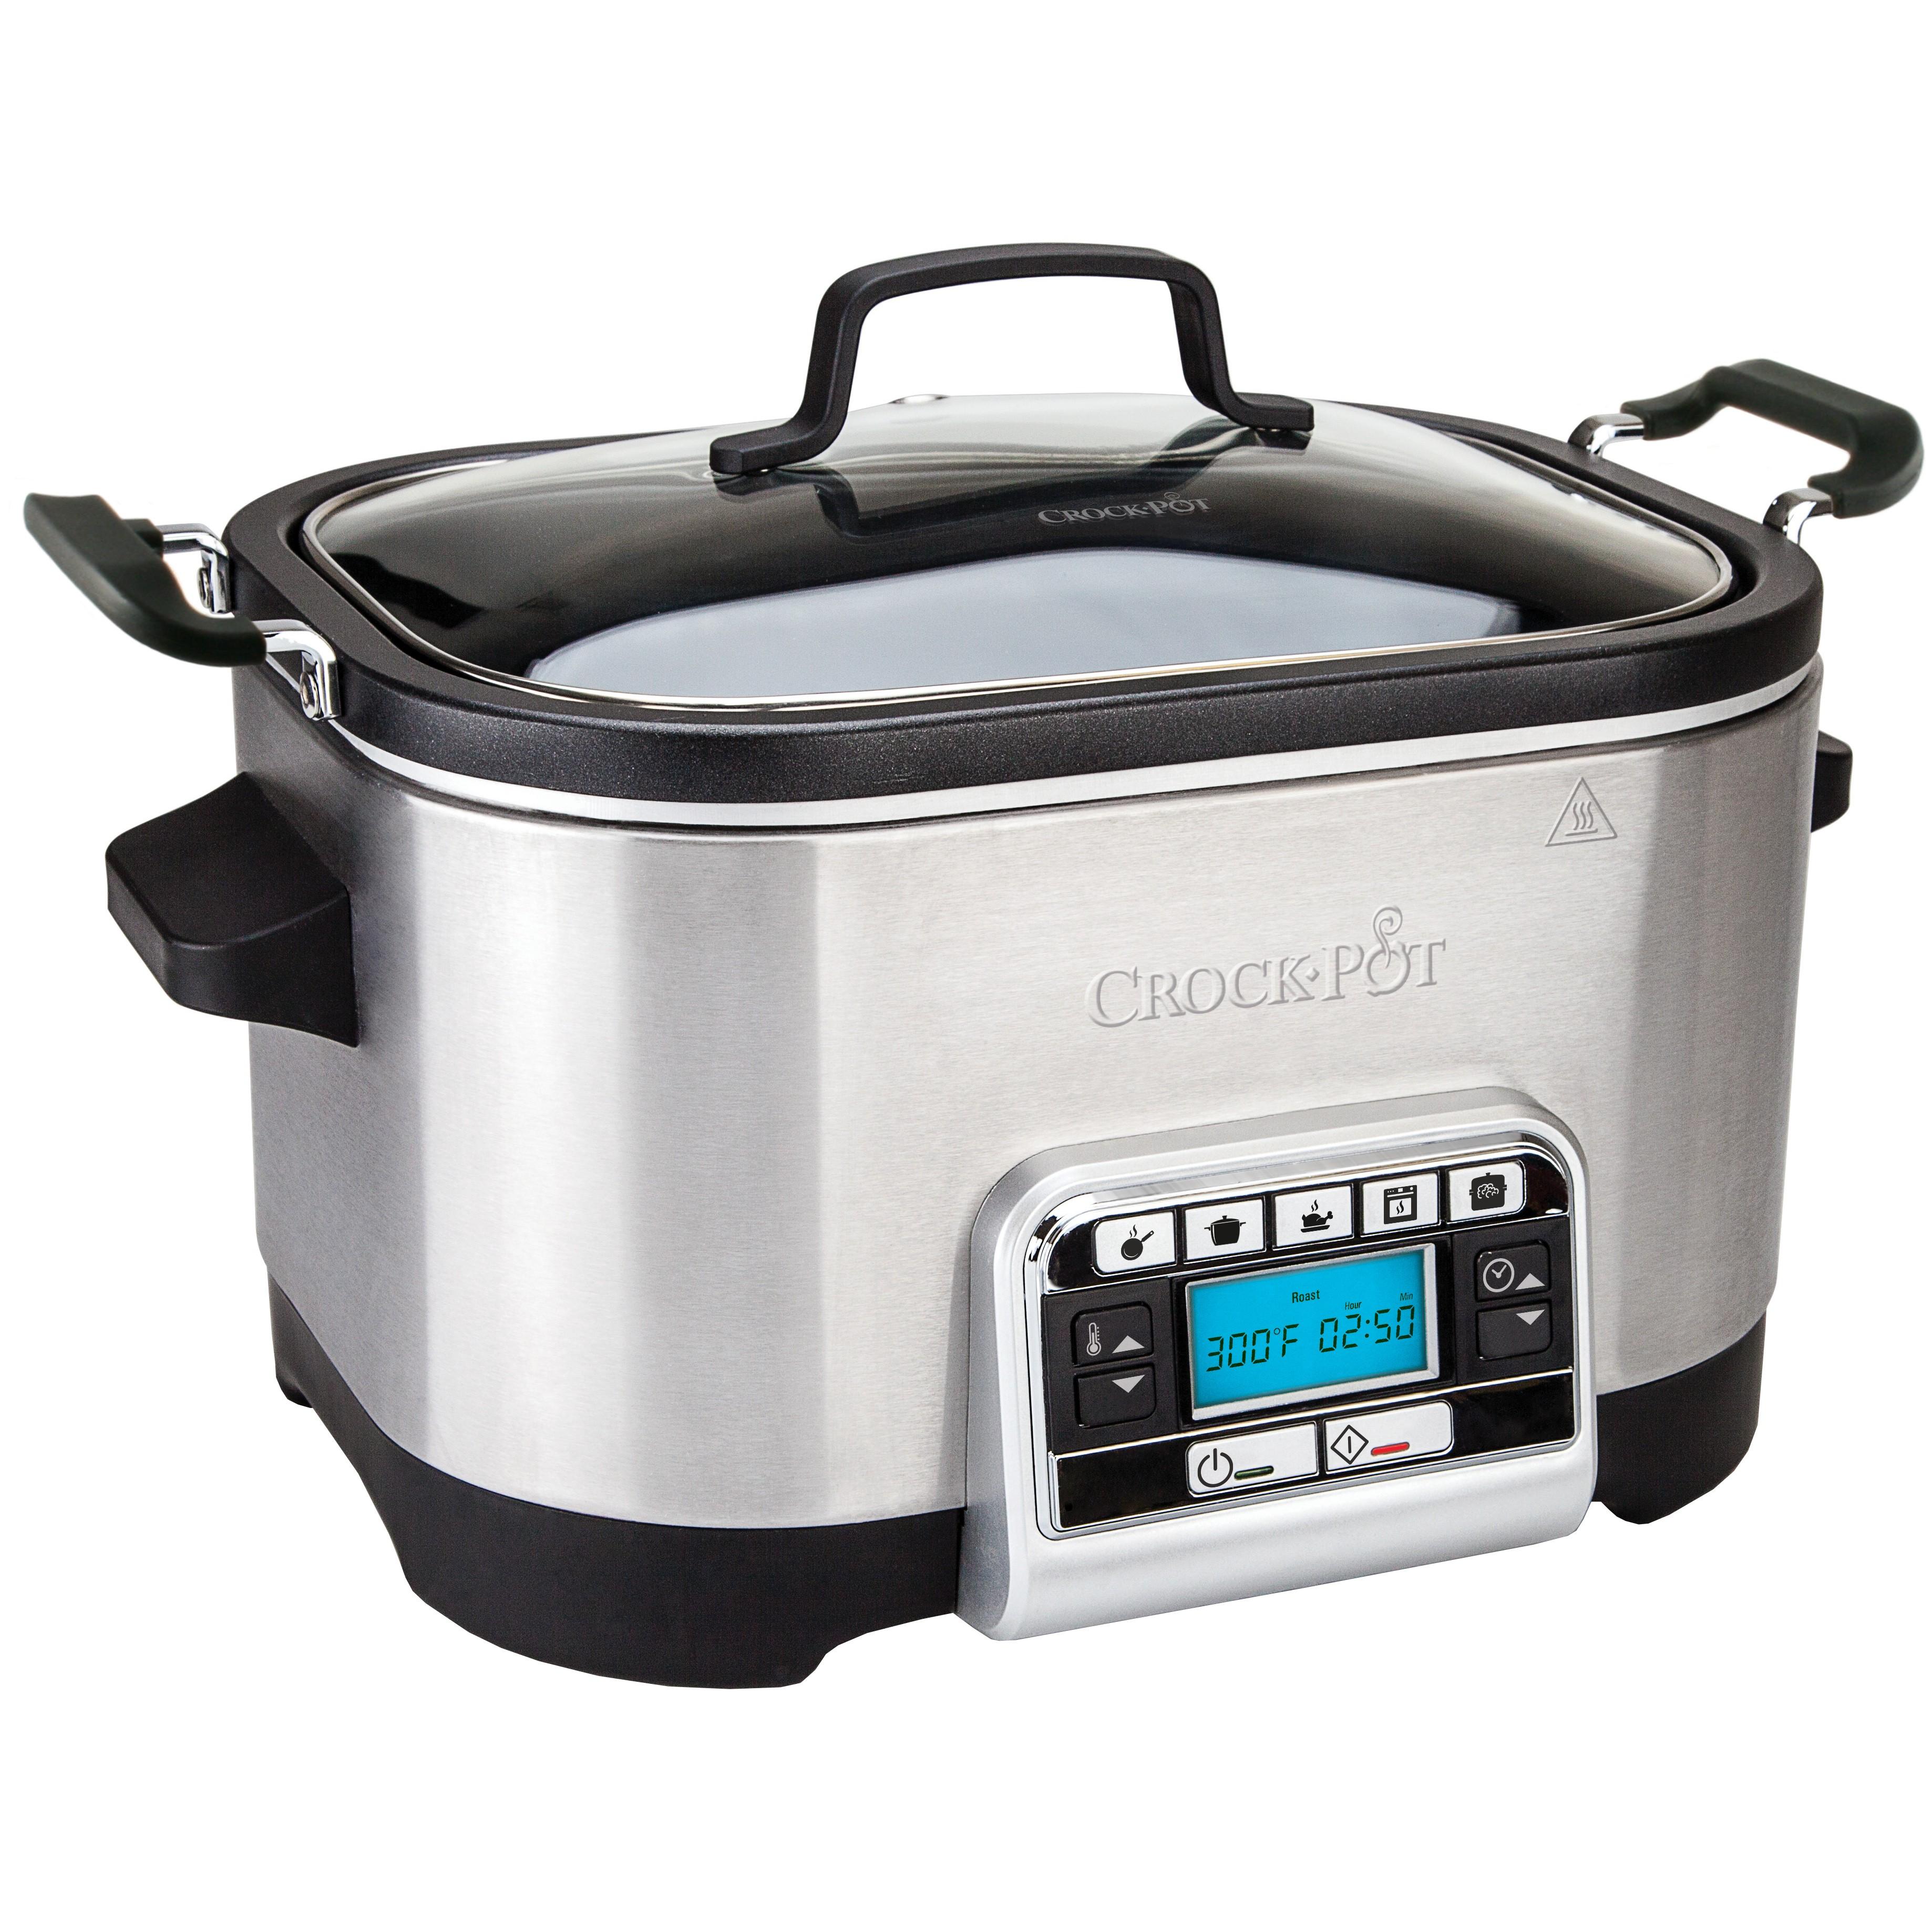 Crock-Pot -CROCKP201014 Multi Cooker 5.6 l price - Enligo.com